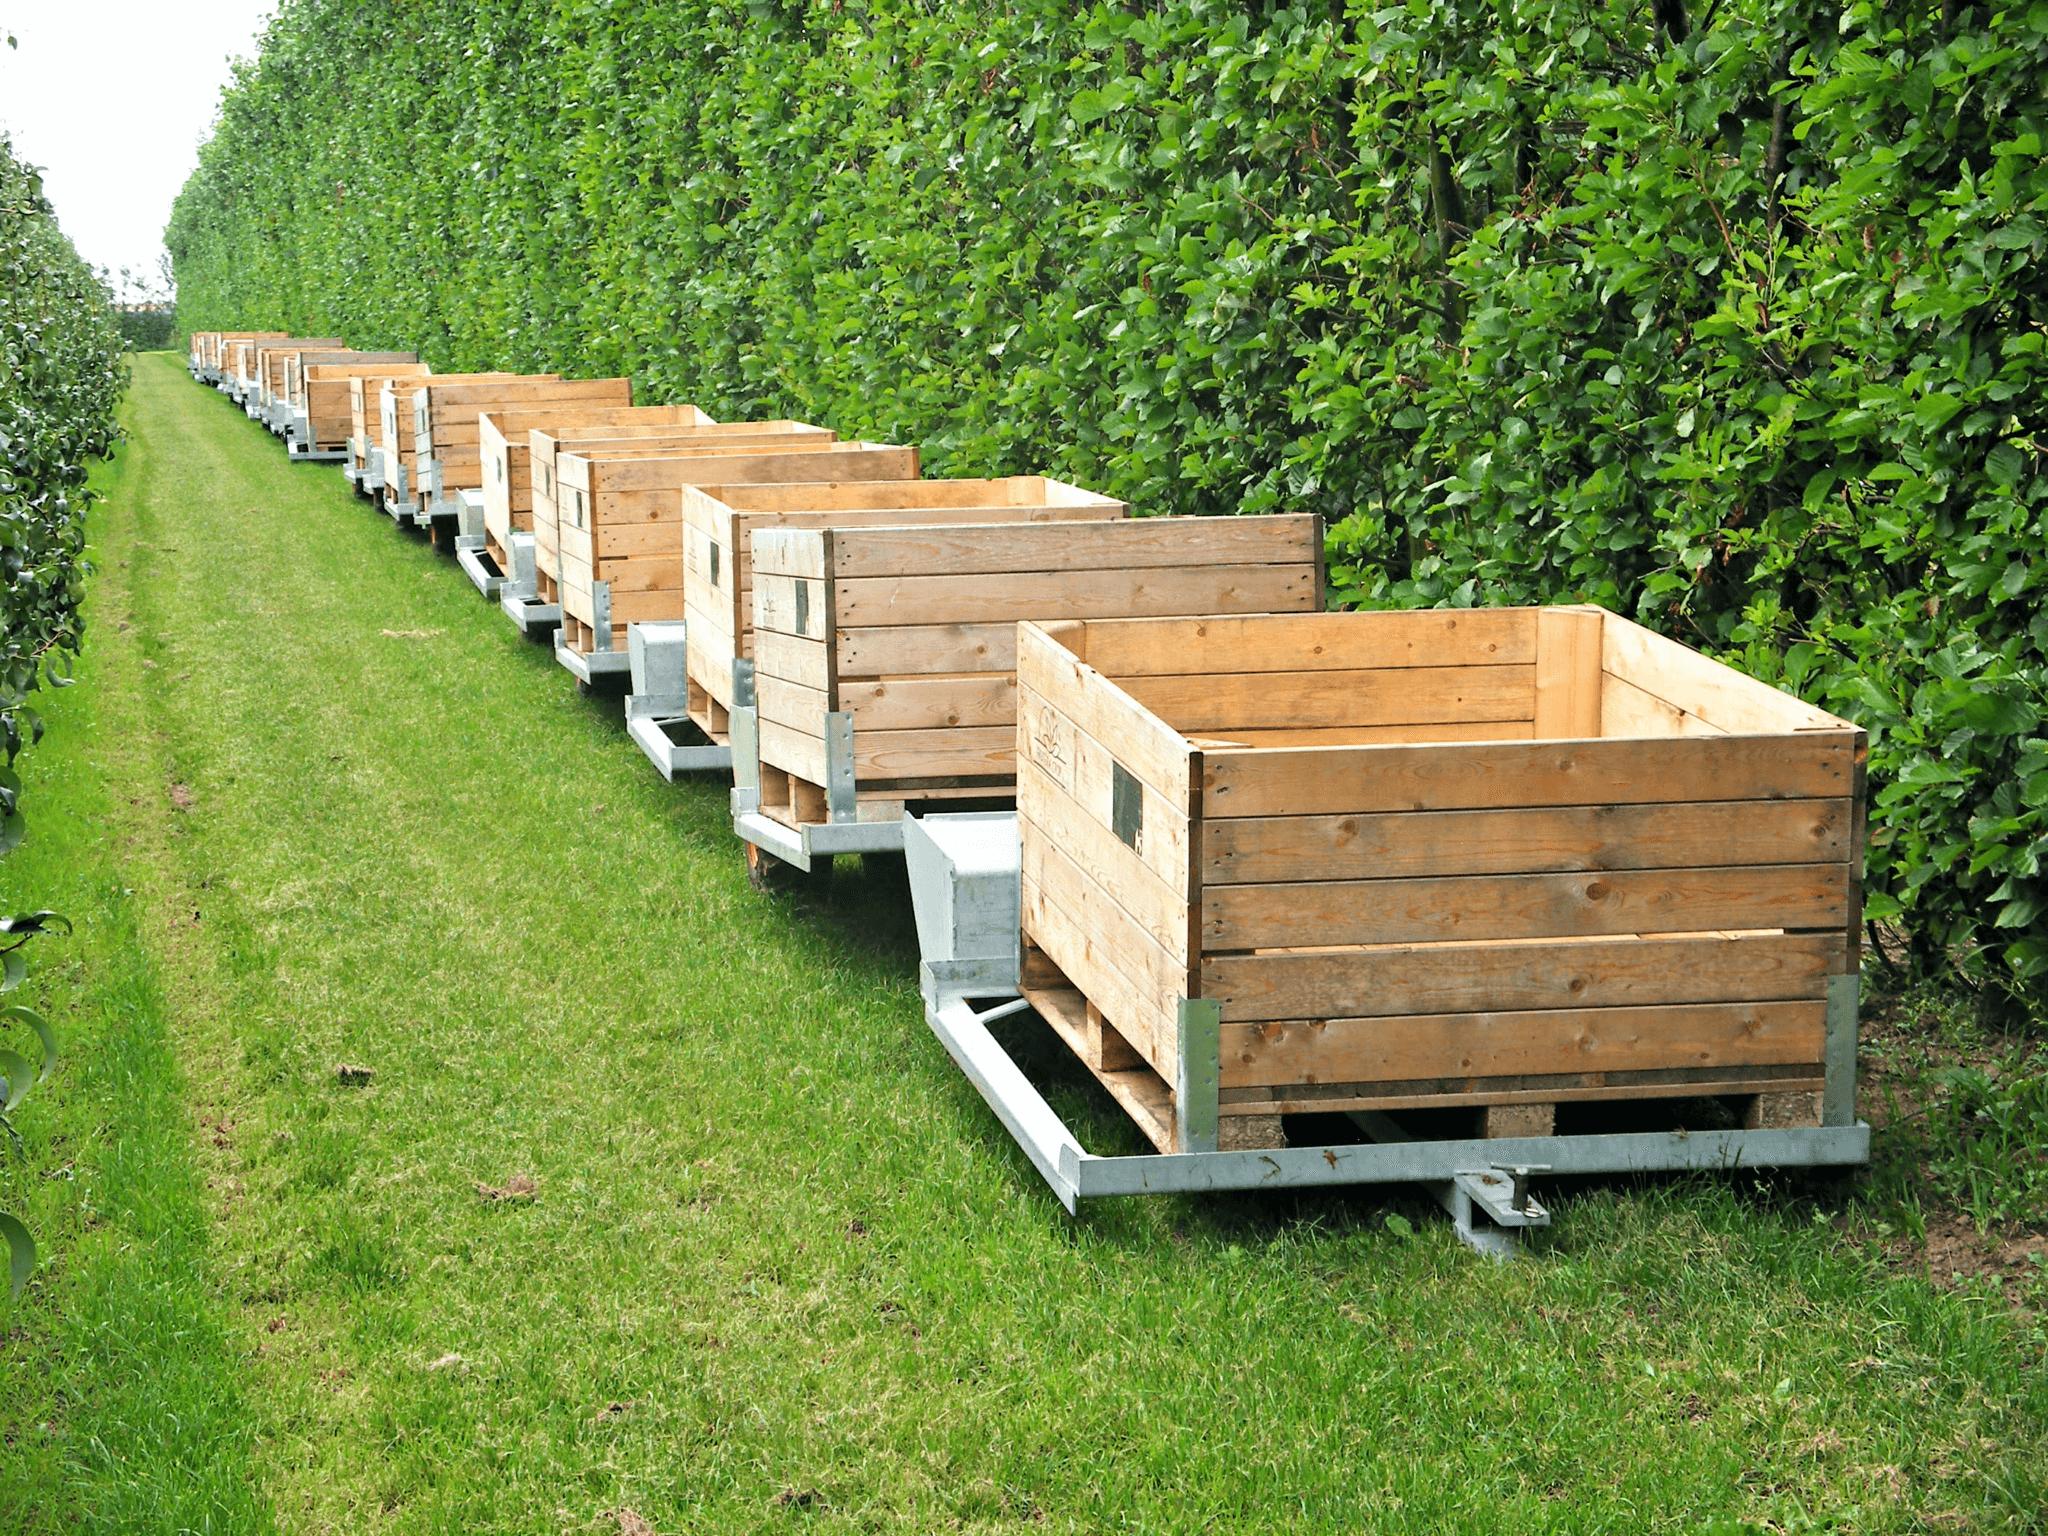 Fruitbedrijf Van den Berge_Najaar_lege kisten pluktreinen